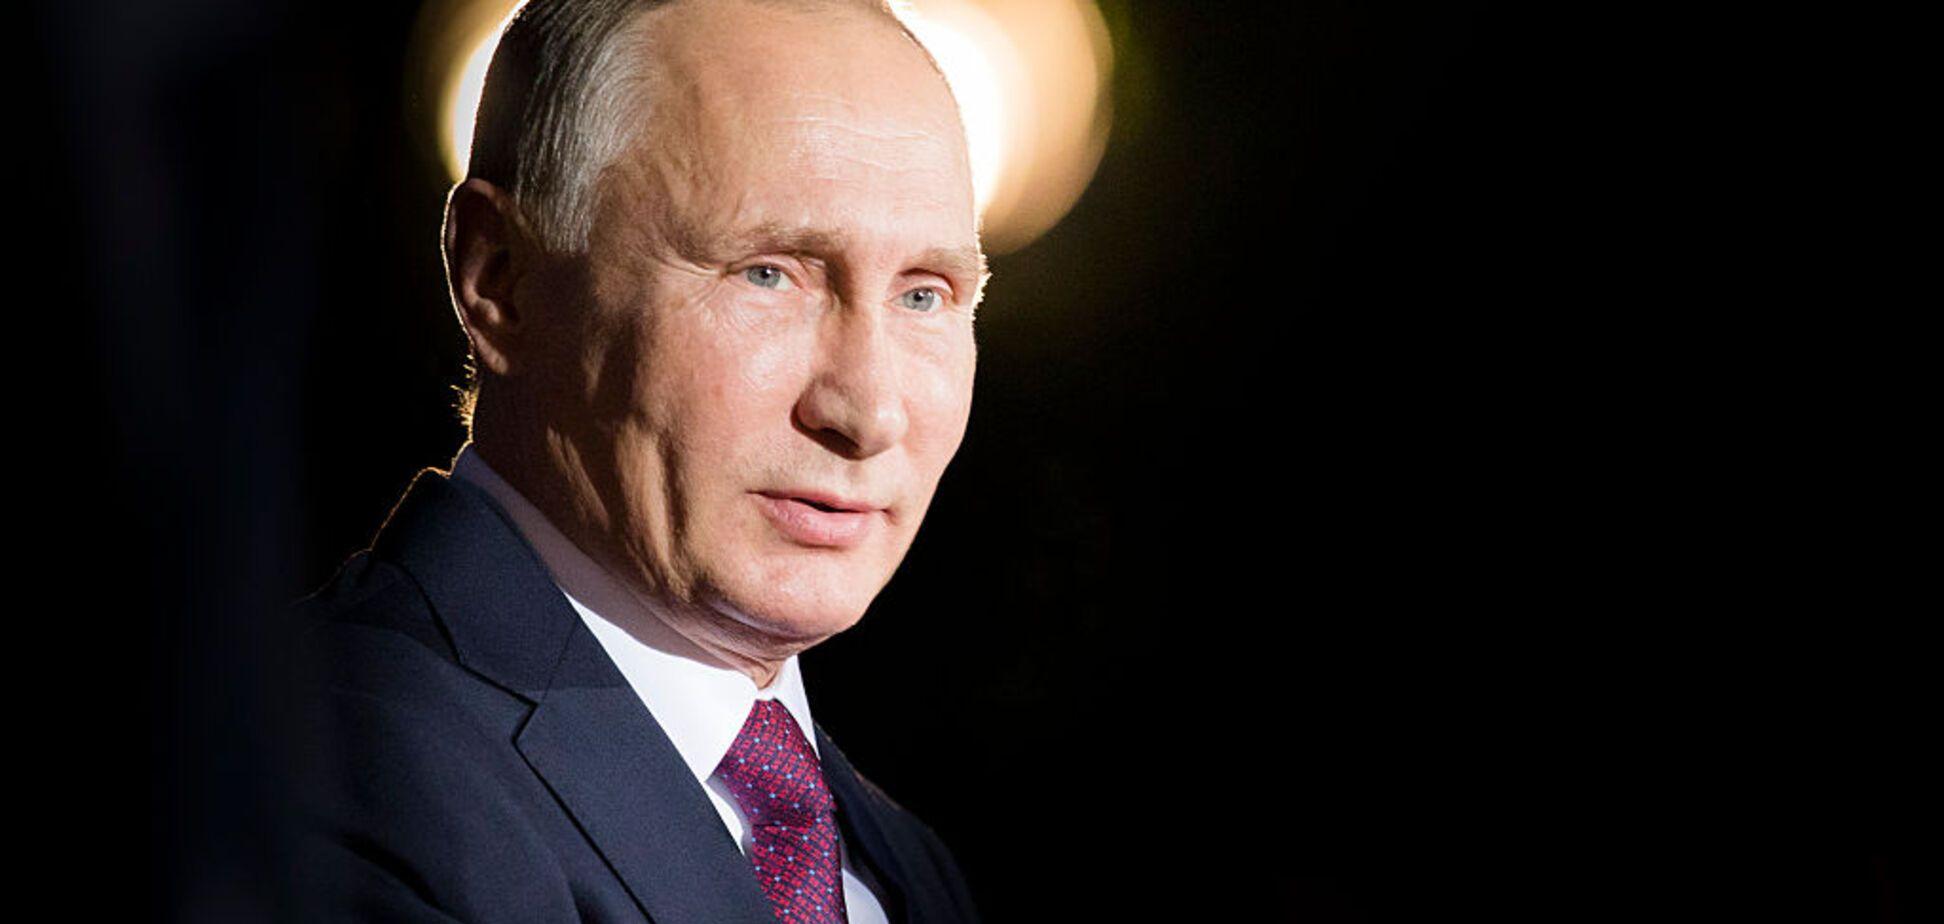 Путин и его окружение прекрасно знают цену придуманных мифов